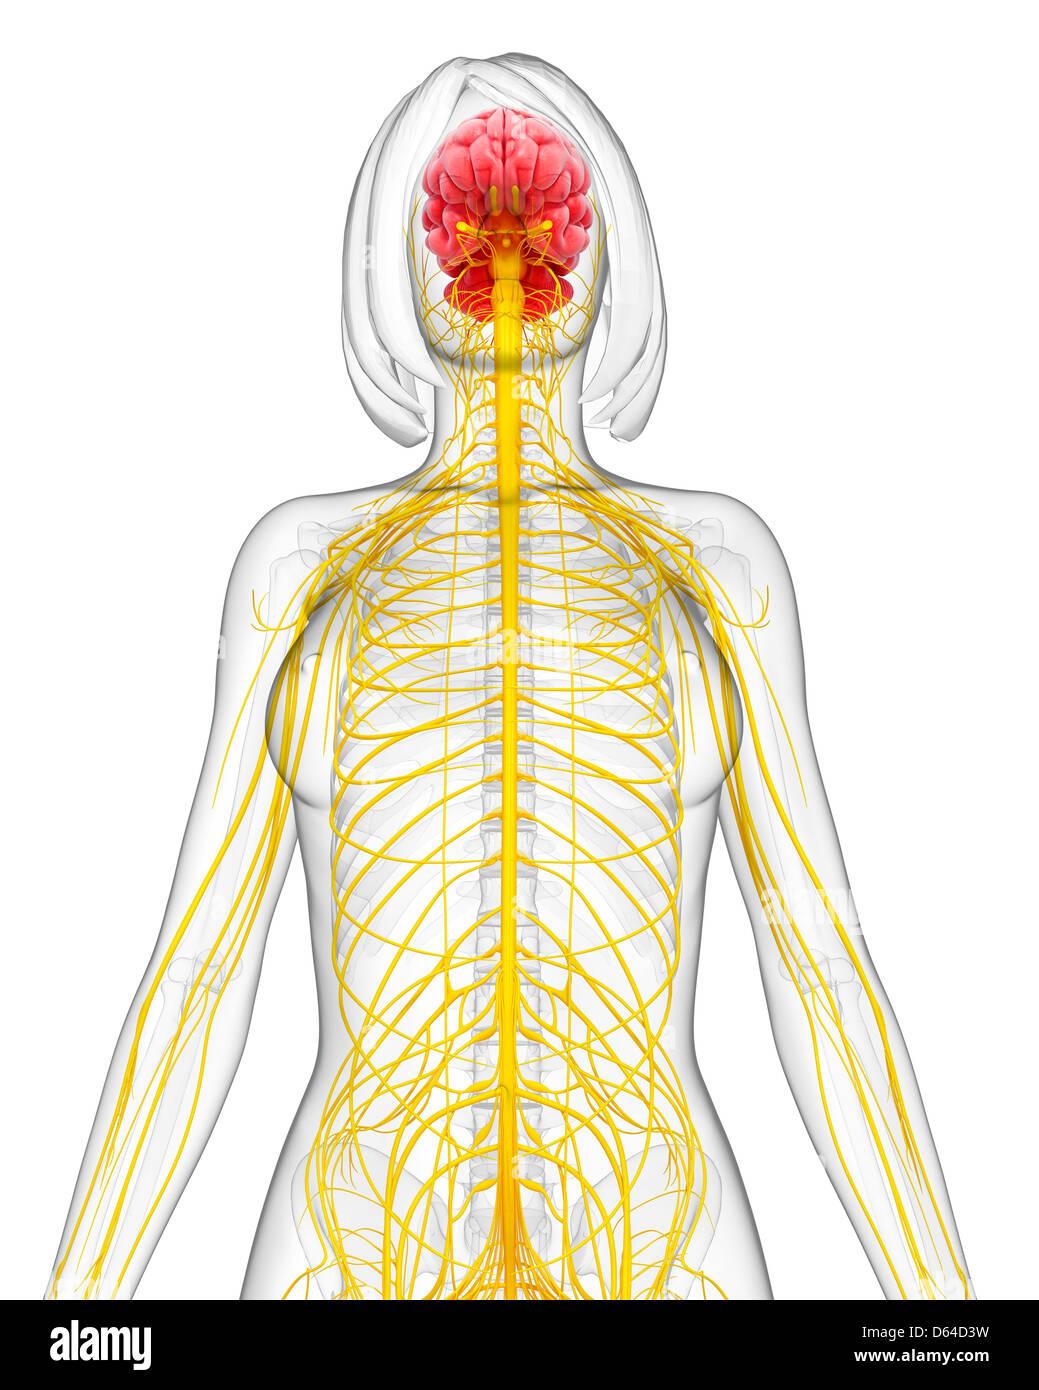 Gemütlich Weibliche Anatomie Diagramm Organe Fotos - Anatomie Ideen ...